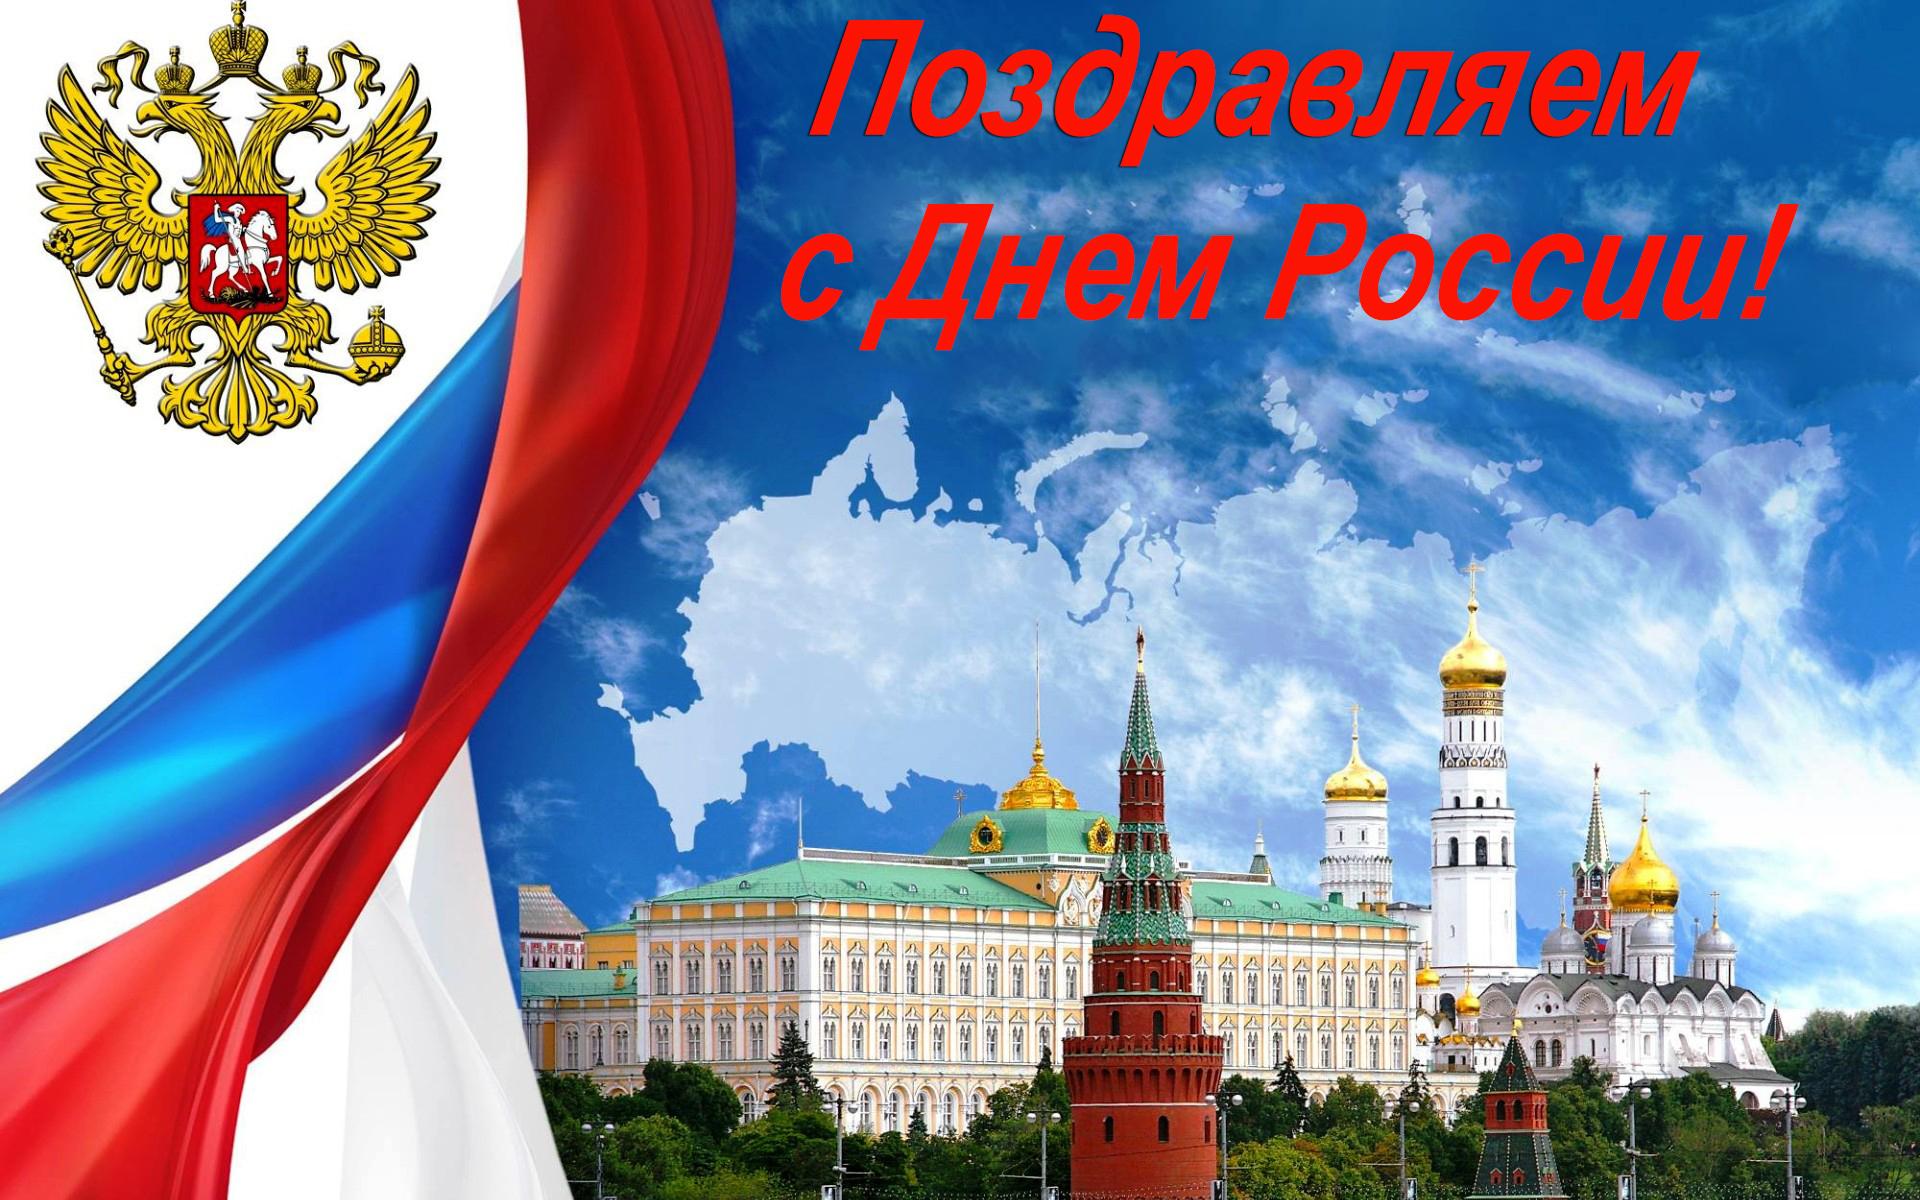 Поздравление с днем россии история праздника очень